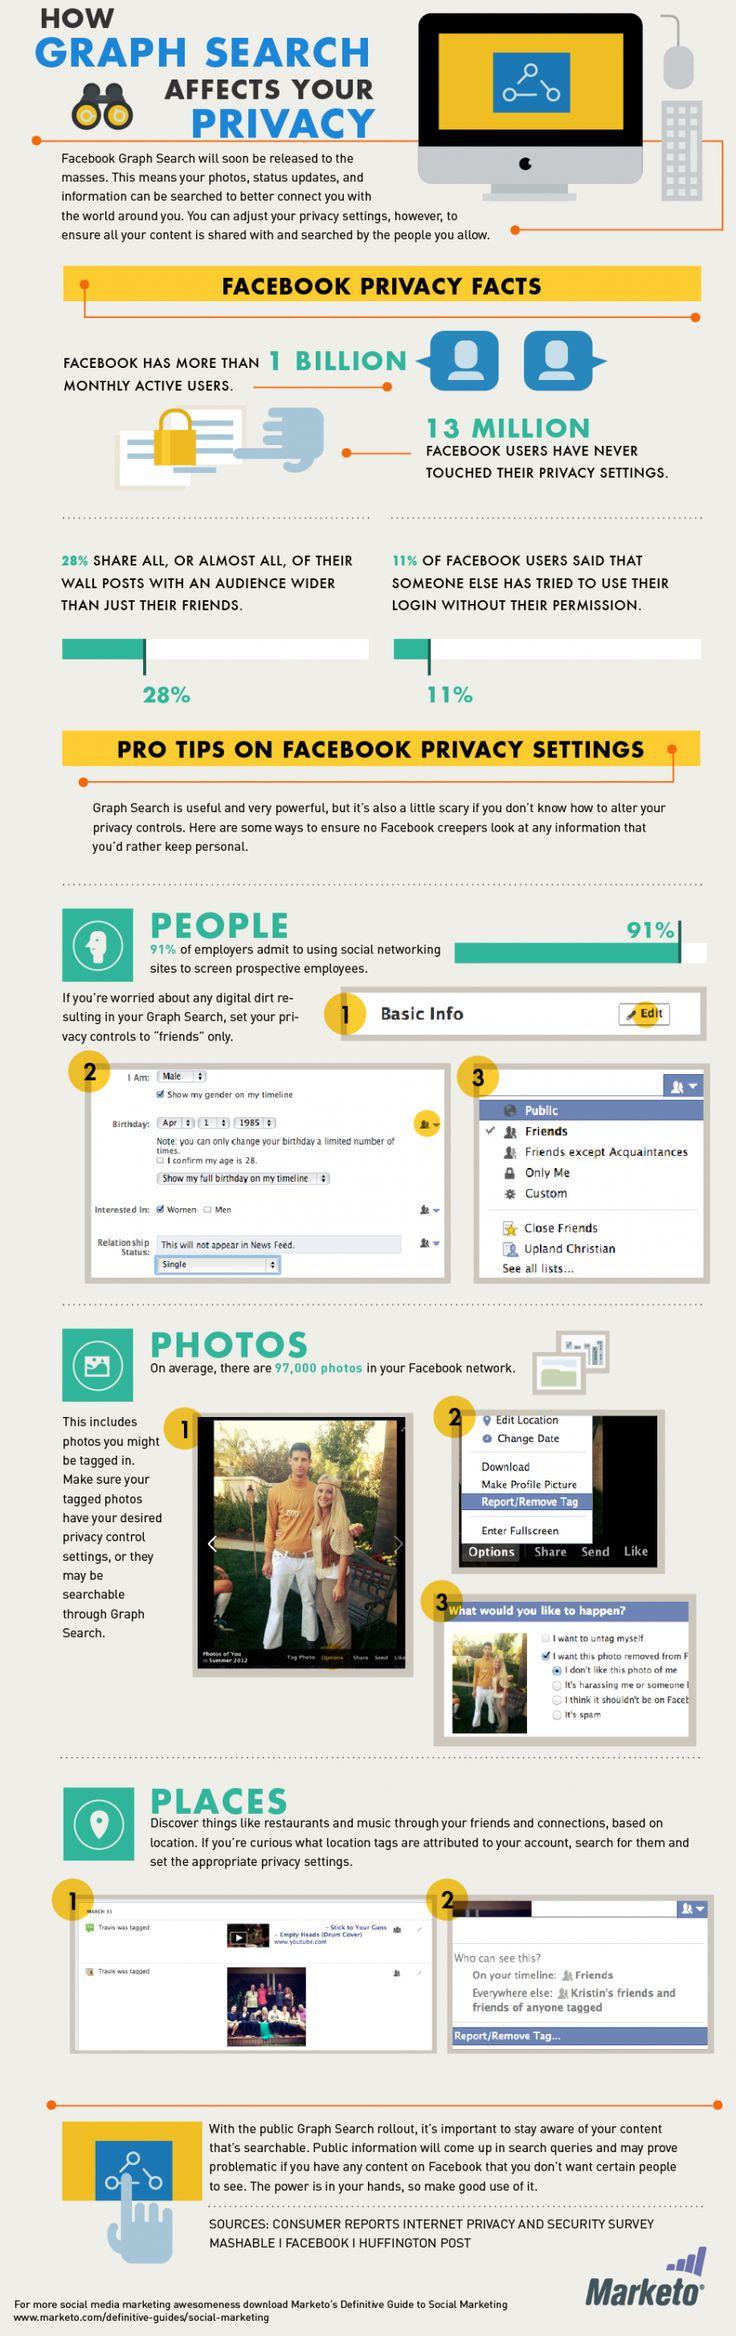 Wie man seine Privatsphäre-Einstellungen einrichten sollte, um von der Facebook Graph Search nicht erfasst zu werden.